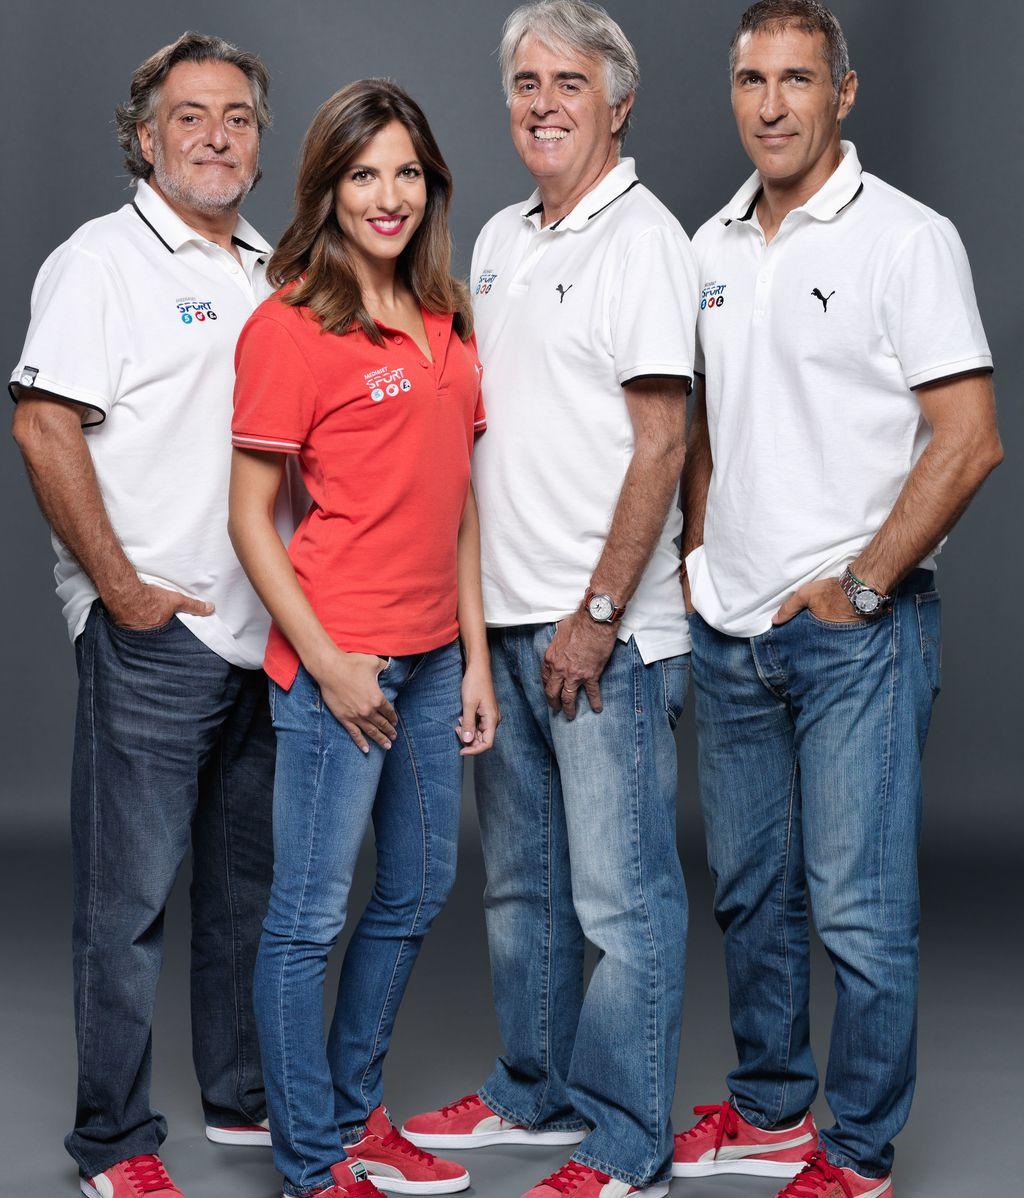 Pepu Hernández, Siro López, José Miguel Antúnez y Mª Victoria Albertos